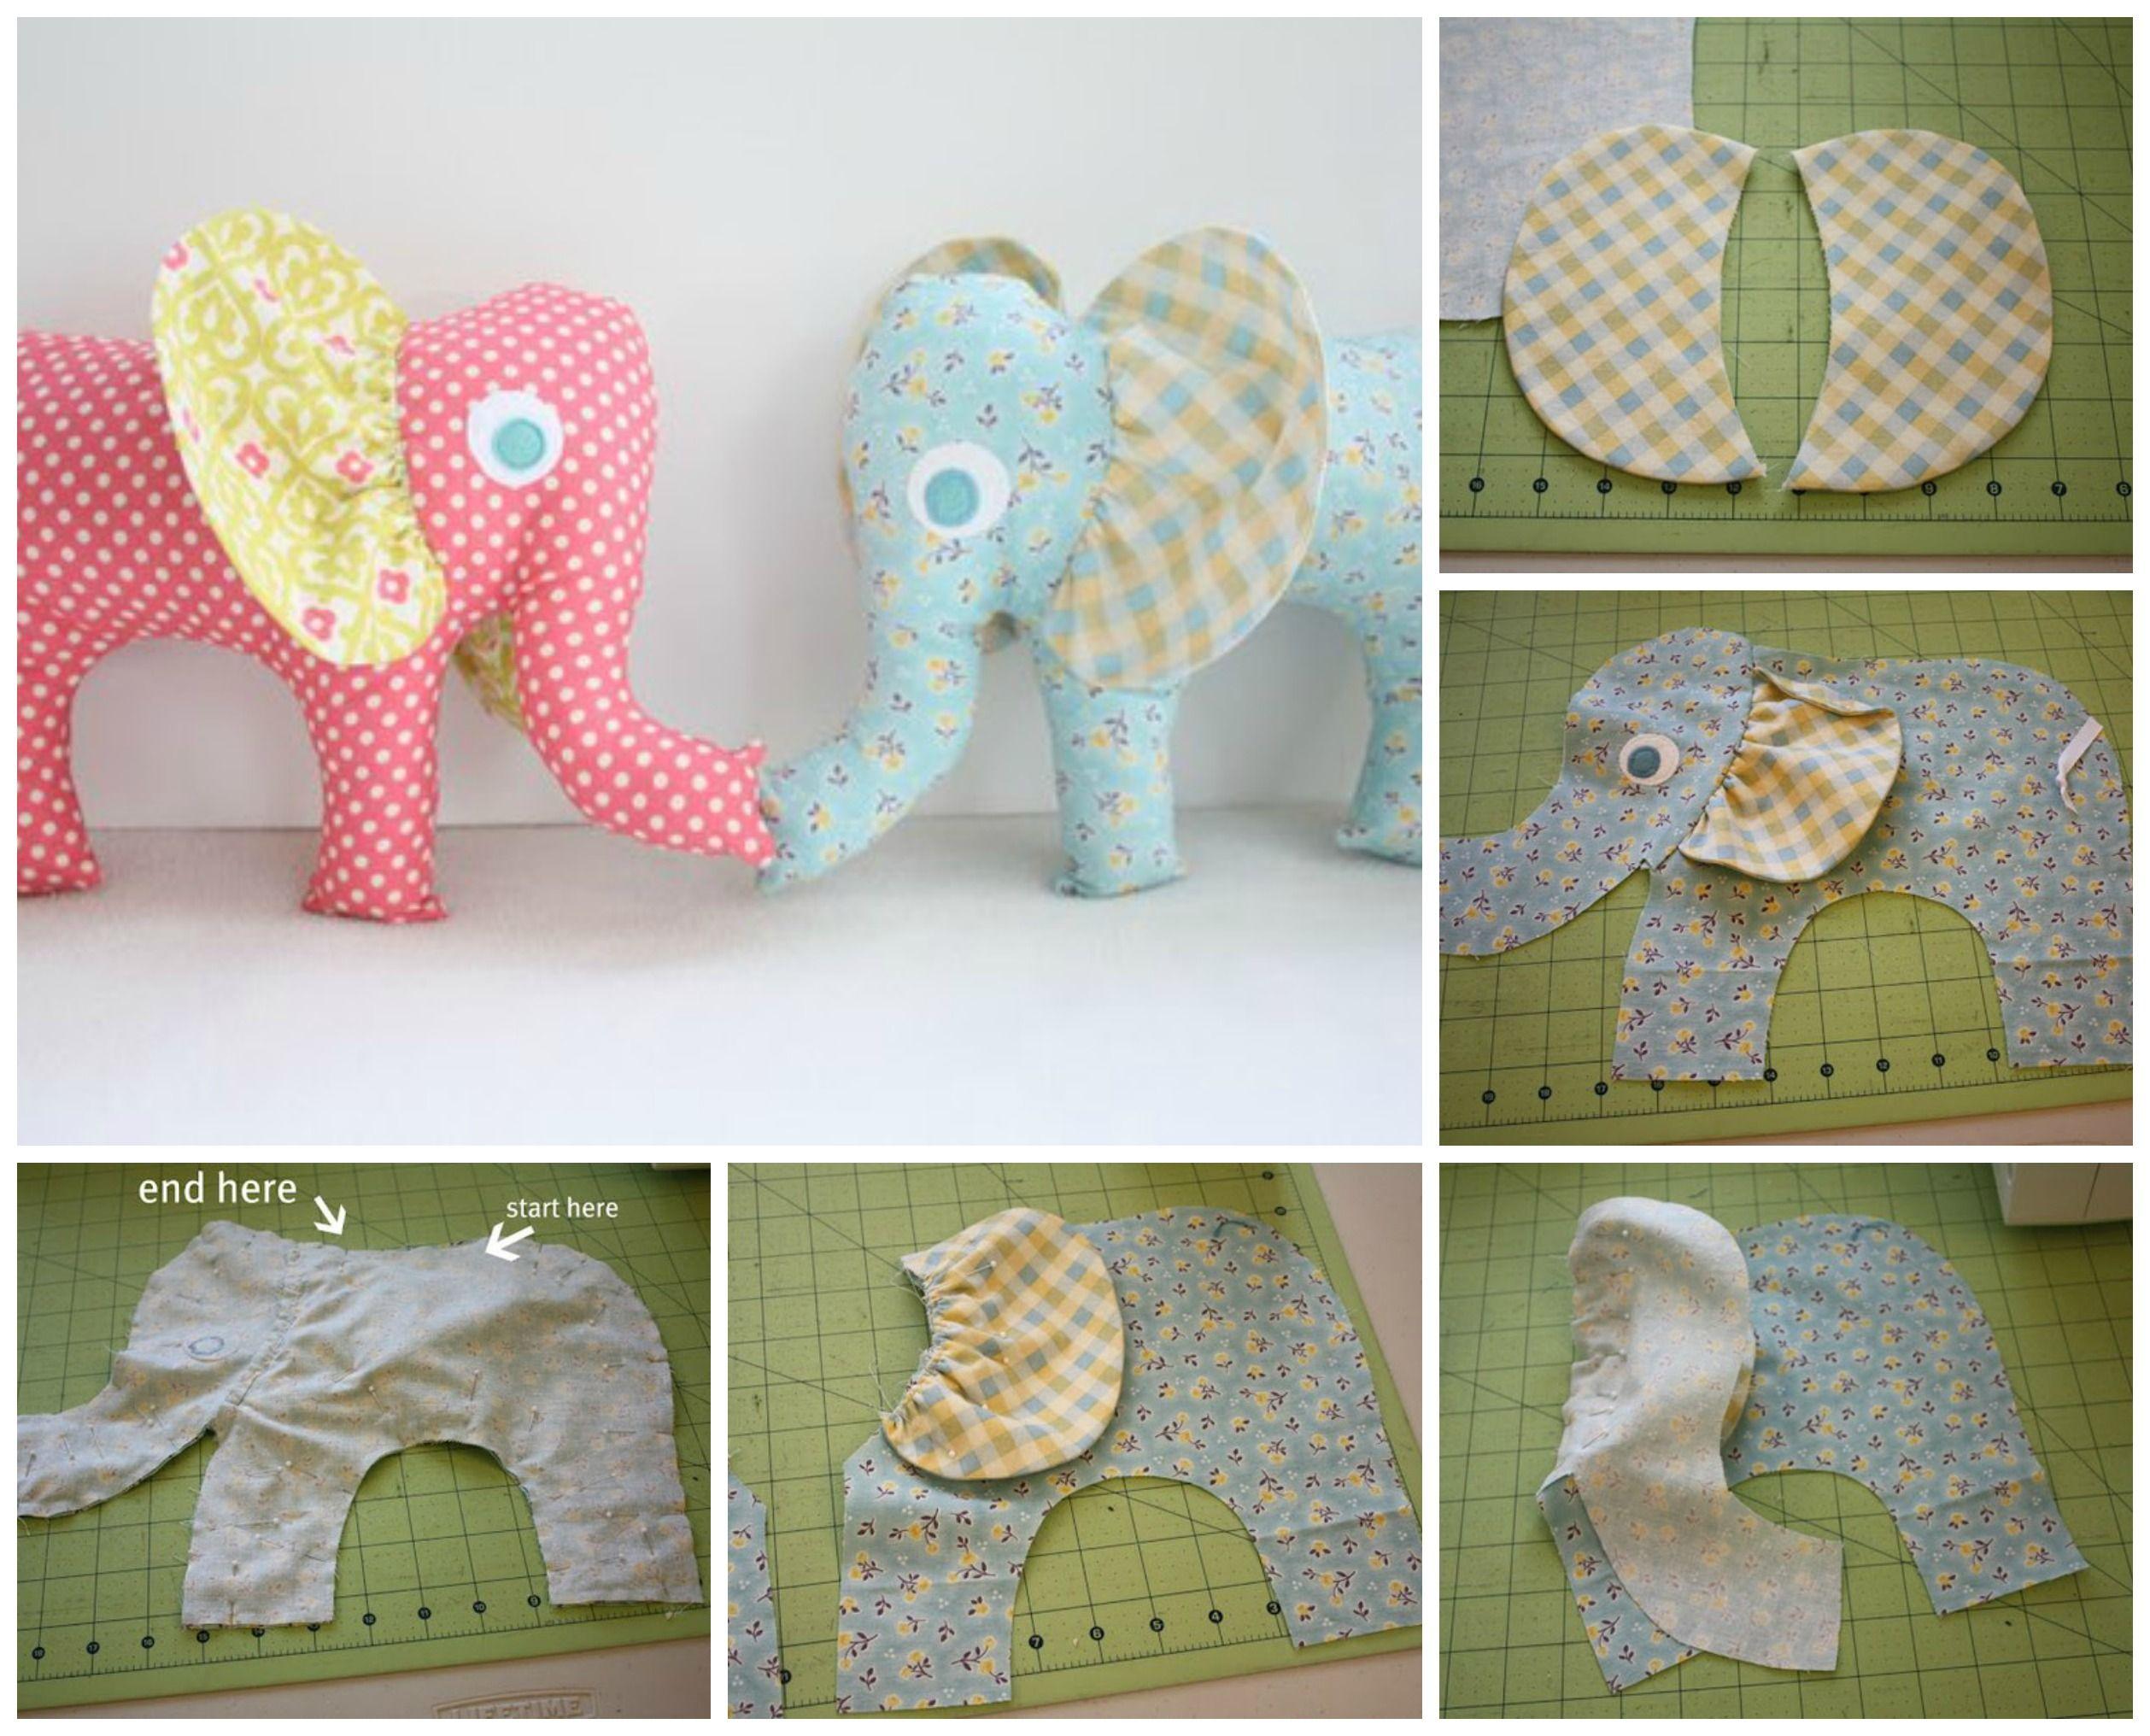 Patrones para hacer un peluche de elefante de tela - Patrones para hacer patchwork ...